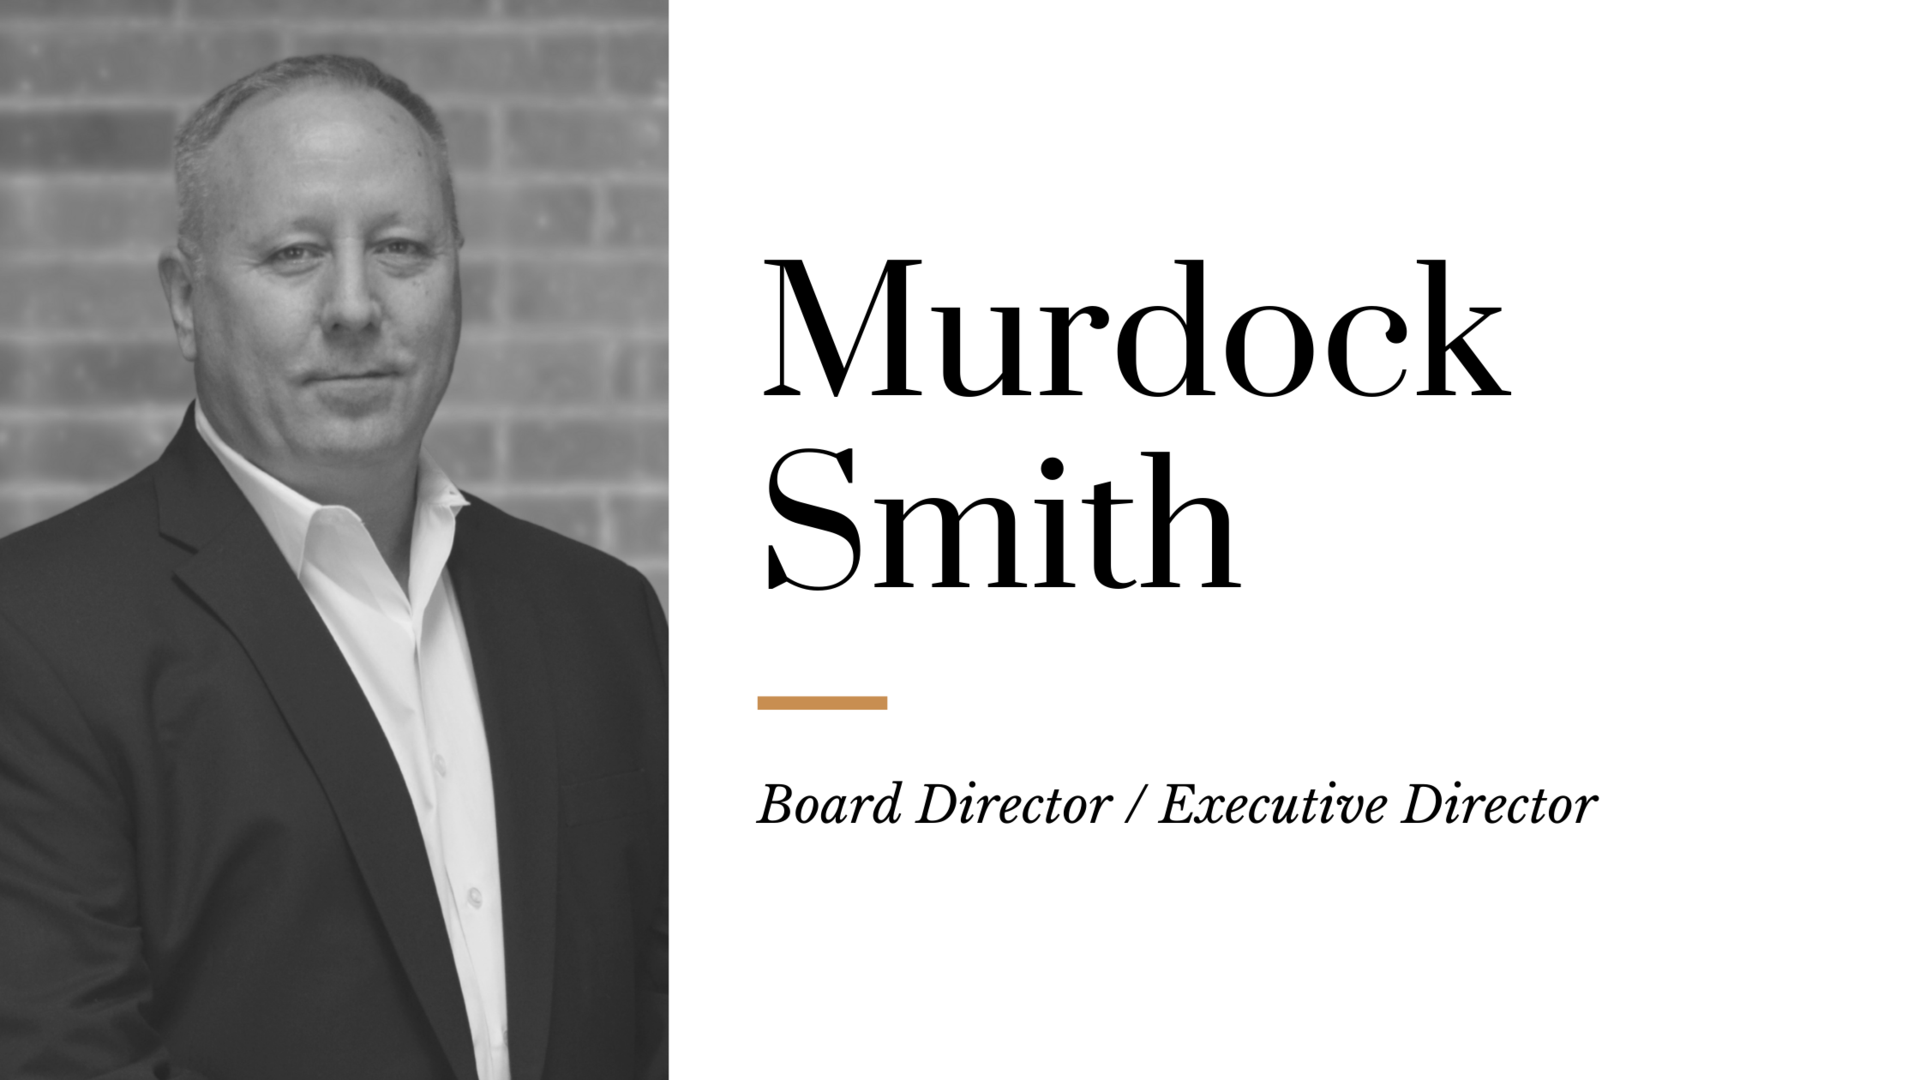 Murdock Smith - Executive Director